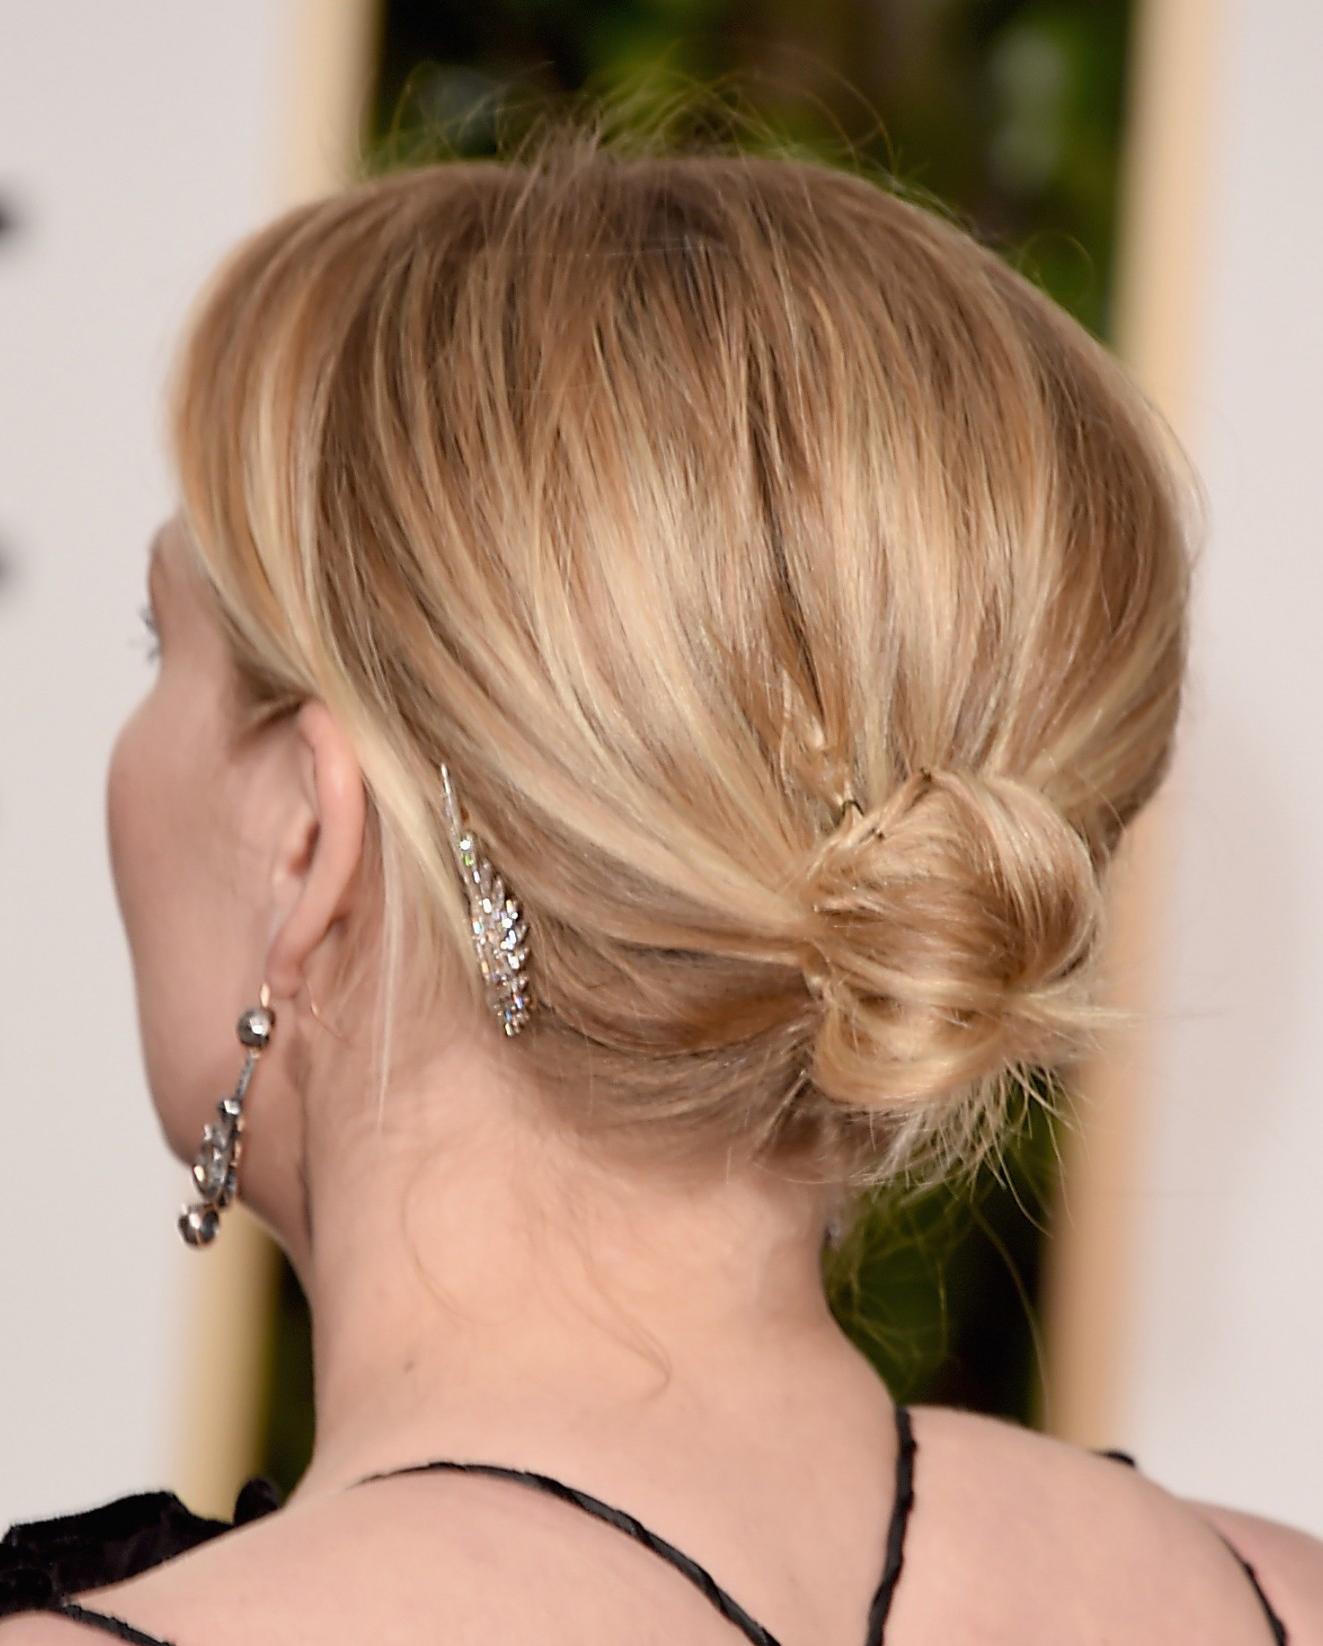 Coque Kirsten Dunst Golden Globes 2016